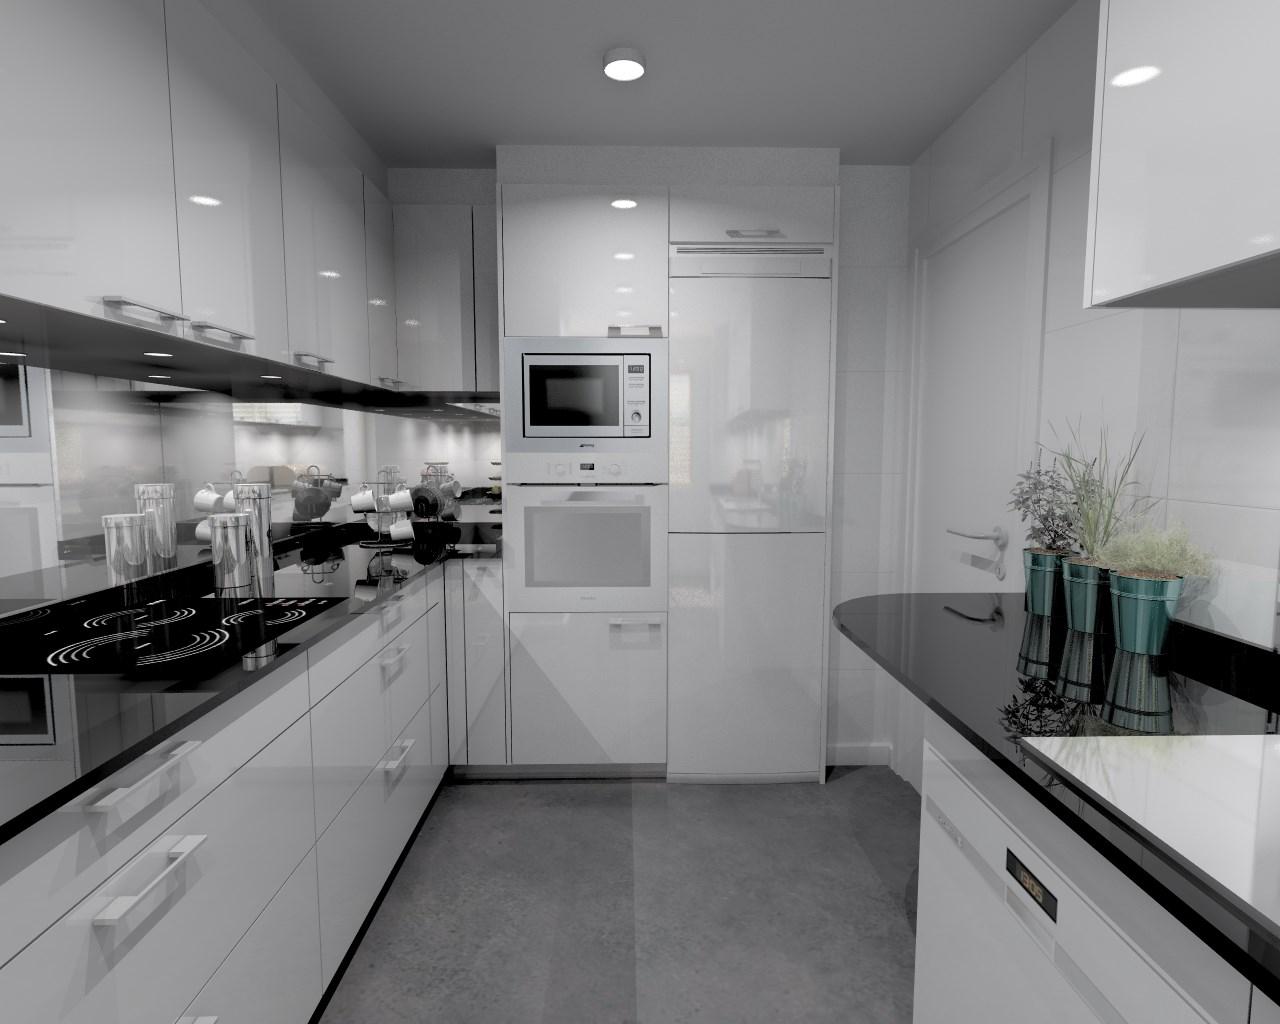 Aravaca cocina santos modelo plano laminado blanco for Mostrar cocinas modernas